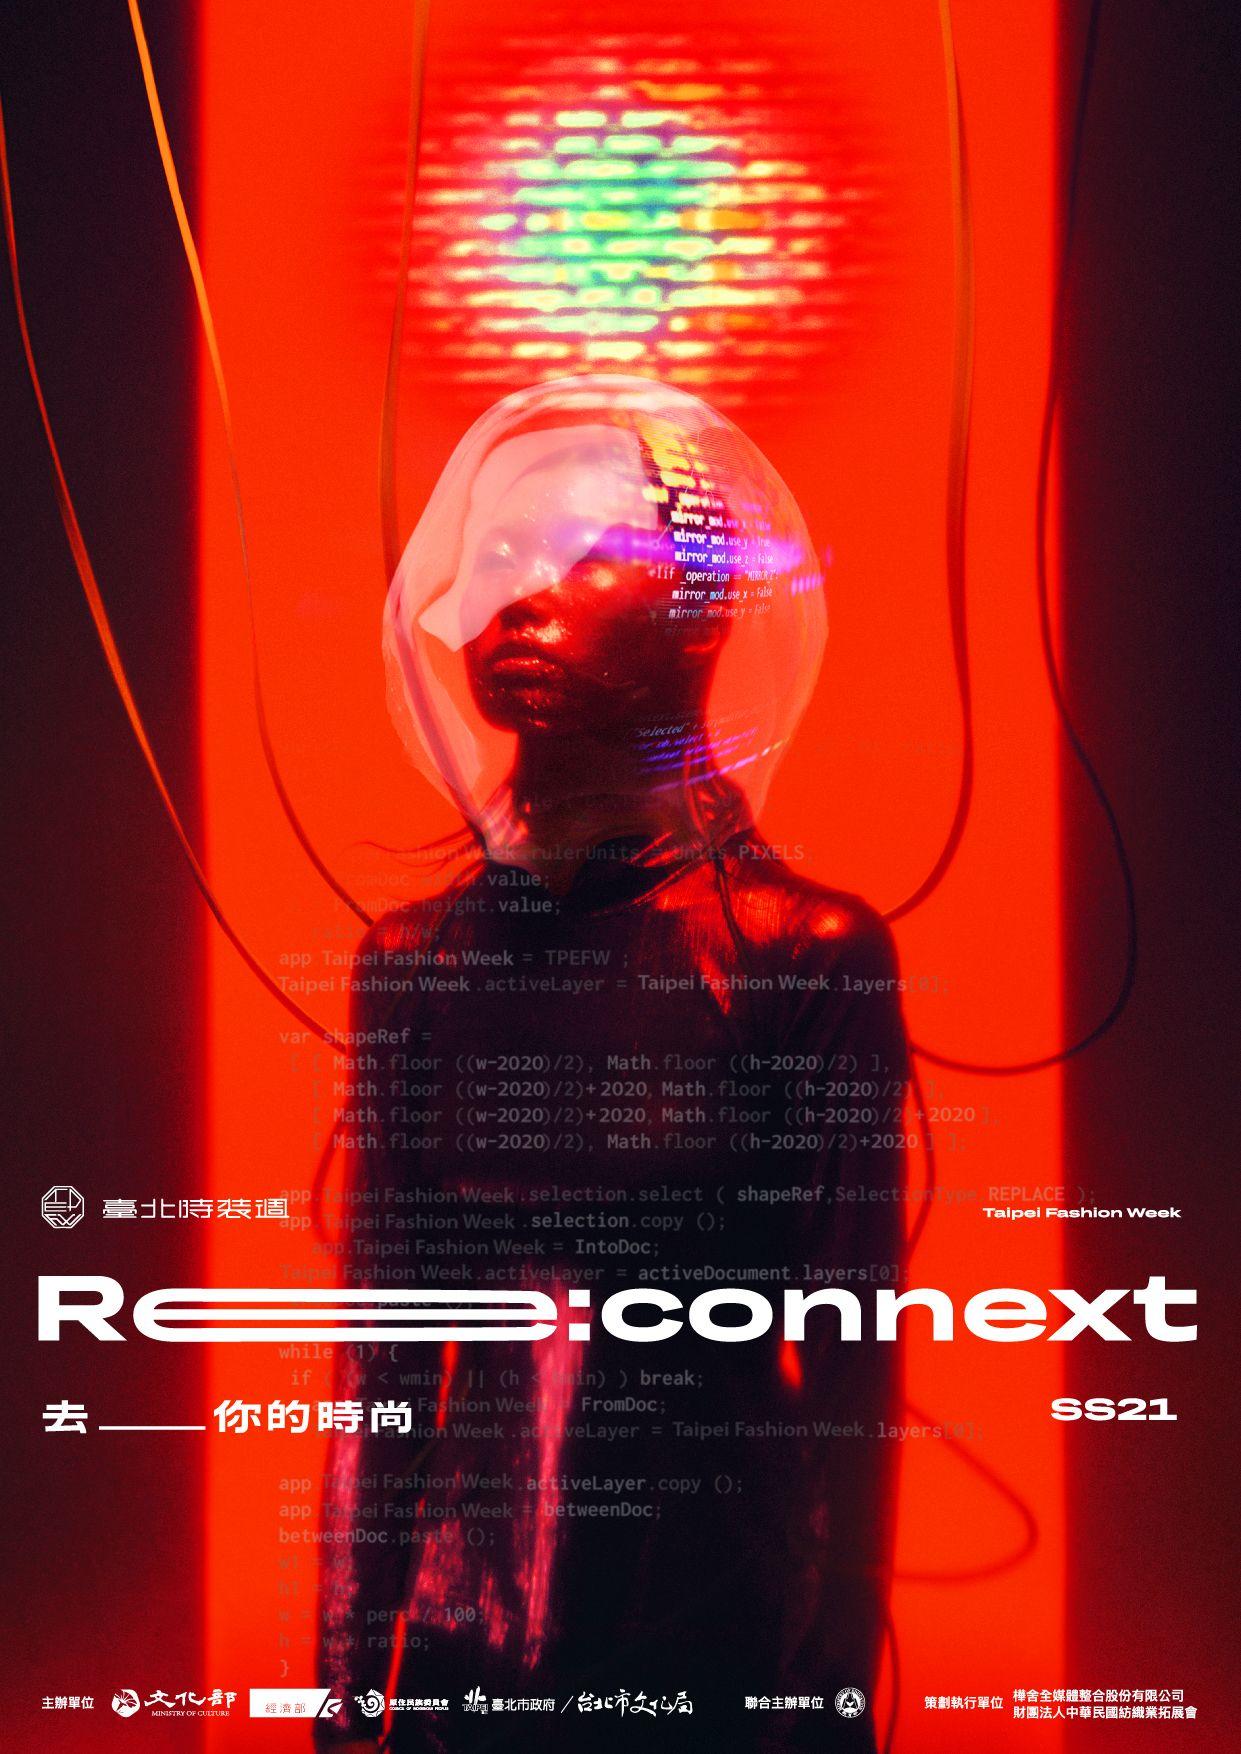 2020臺北時裝週「去___你的時尚 Re:connext」開跑!40天18場活動,活動日期、地點完整懶人包